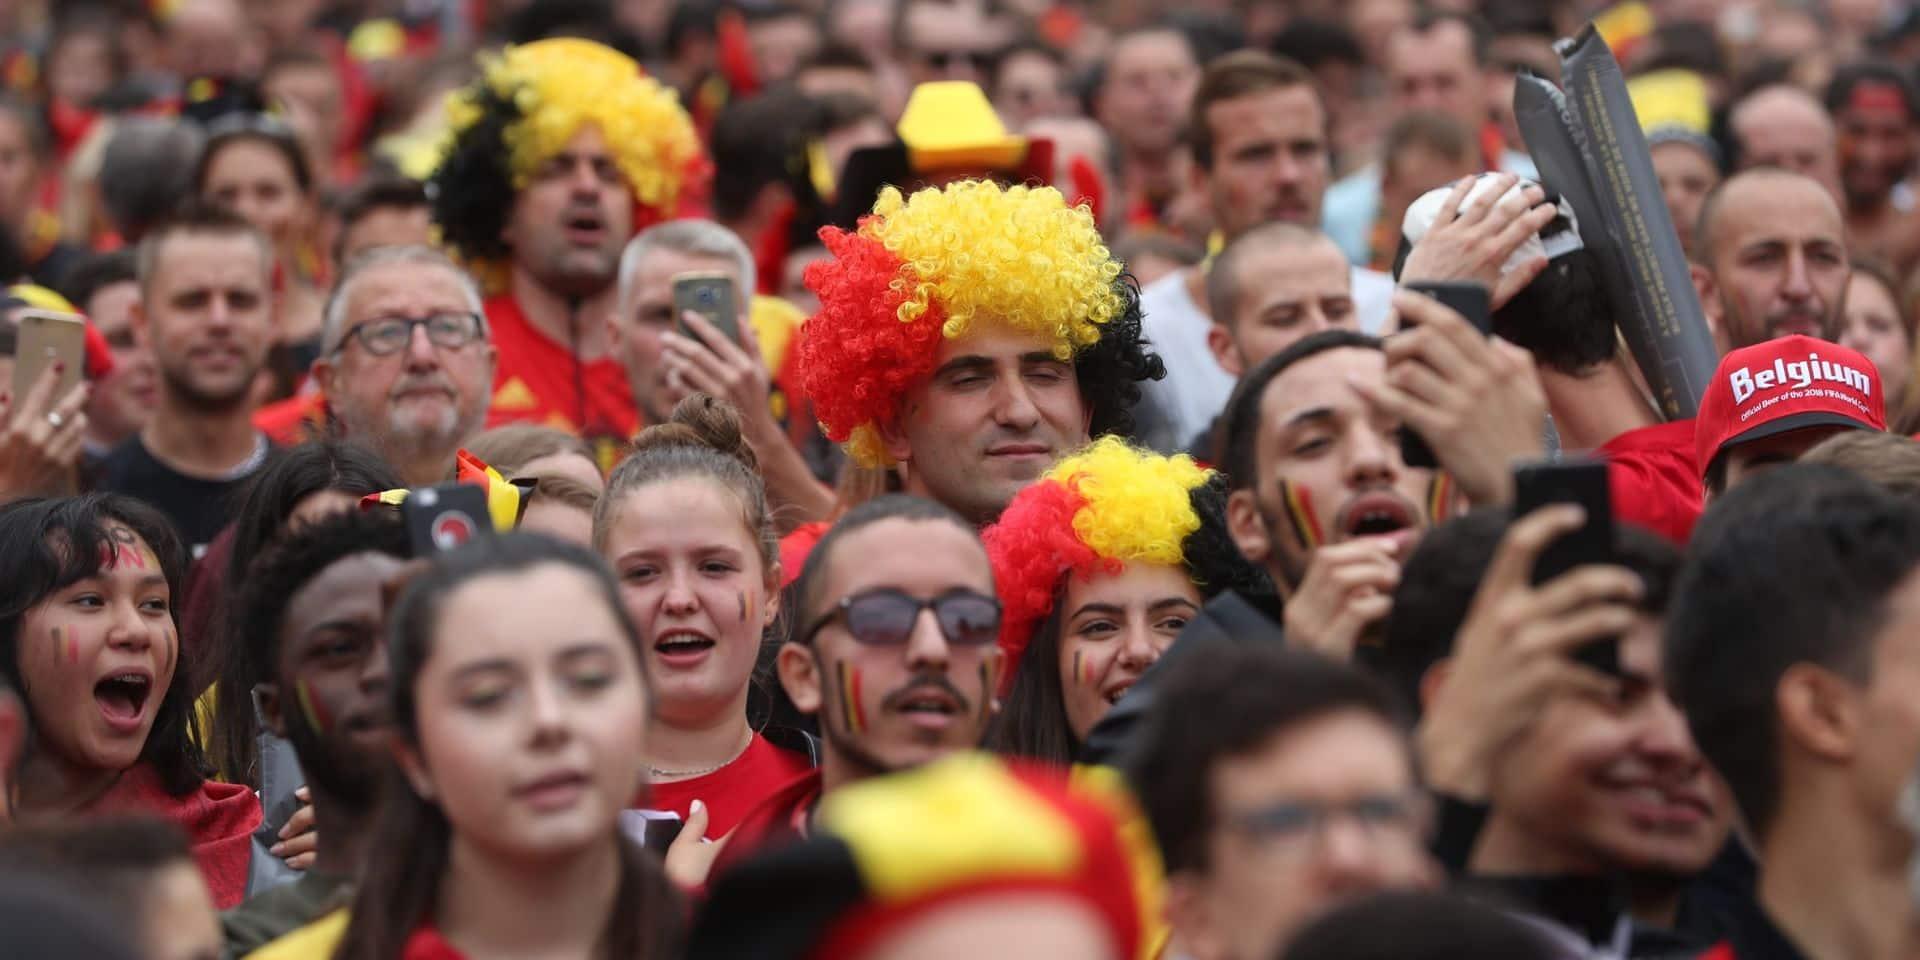 Match des Diables sur écran géant: un premier événement-test le 3 juin pour Belgique-Grèce